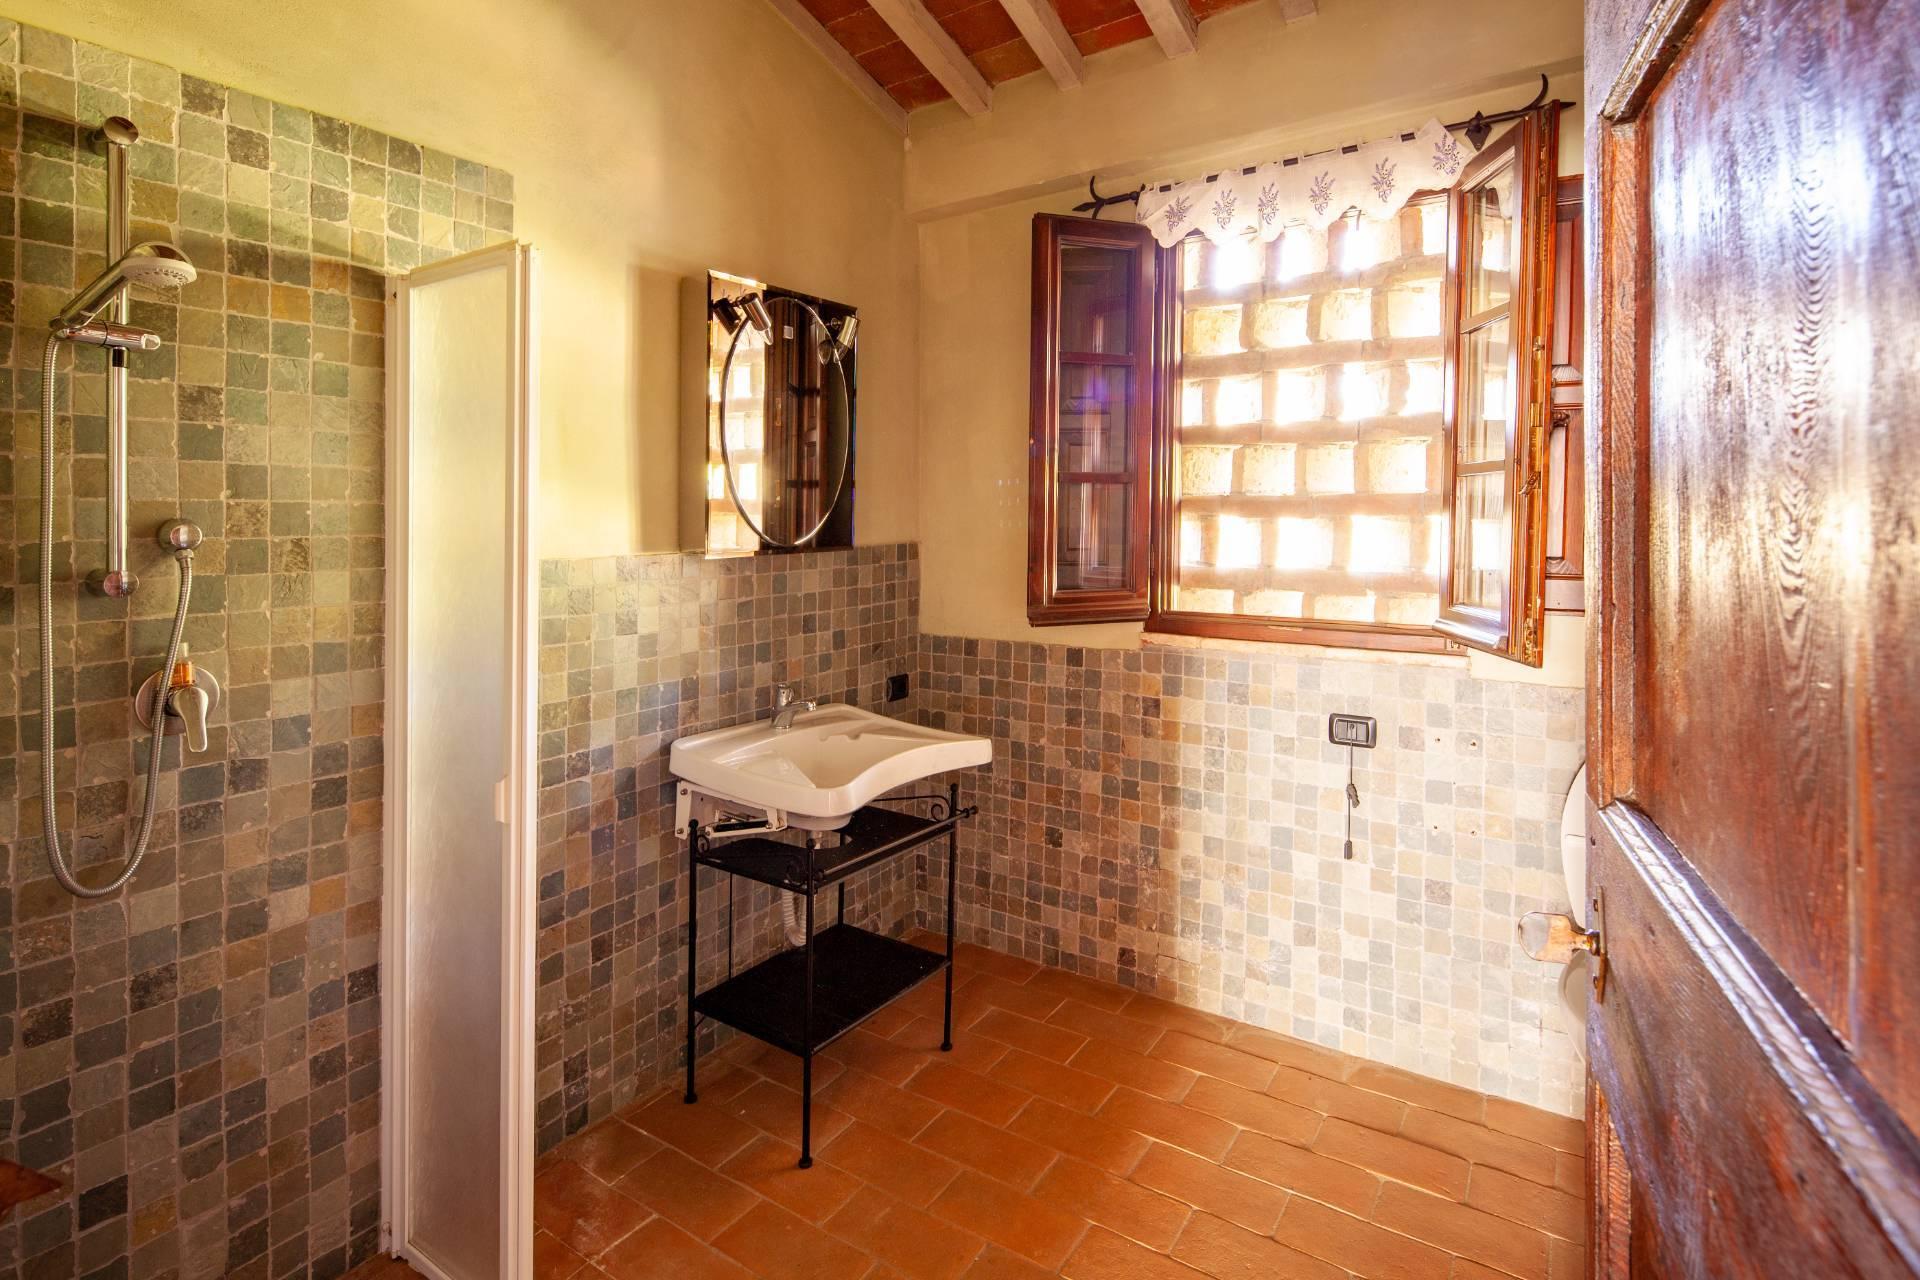 Villa in Vendita a Citta' Della Pieve: 5 locali, 300 mq - Foto 9